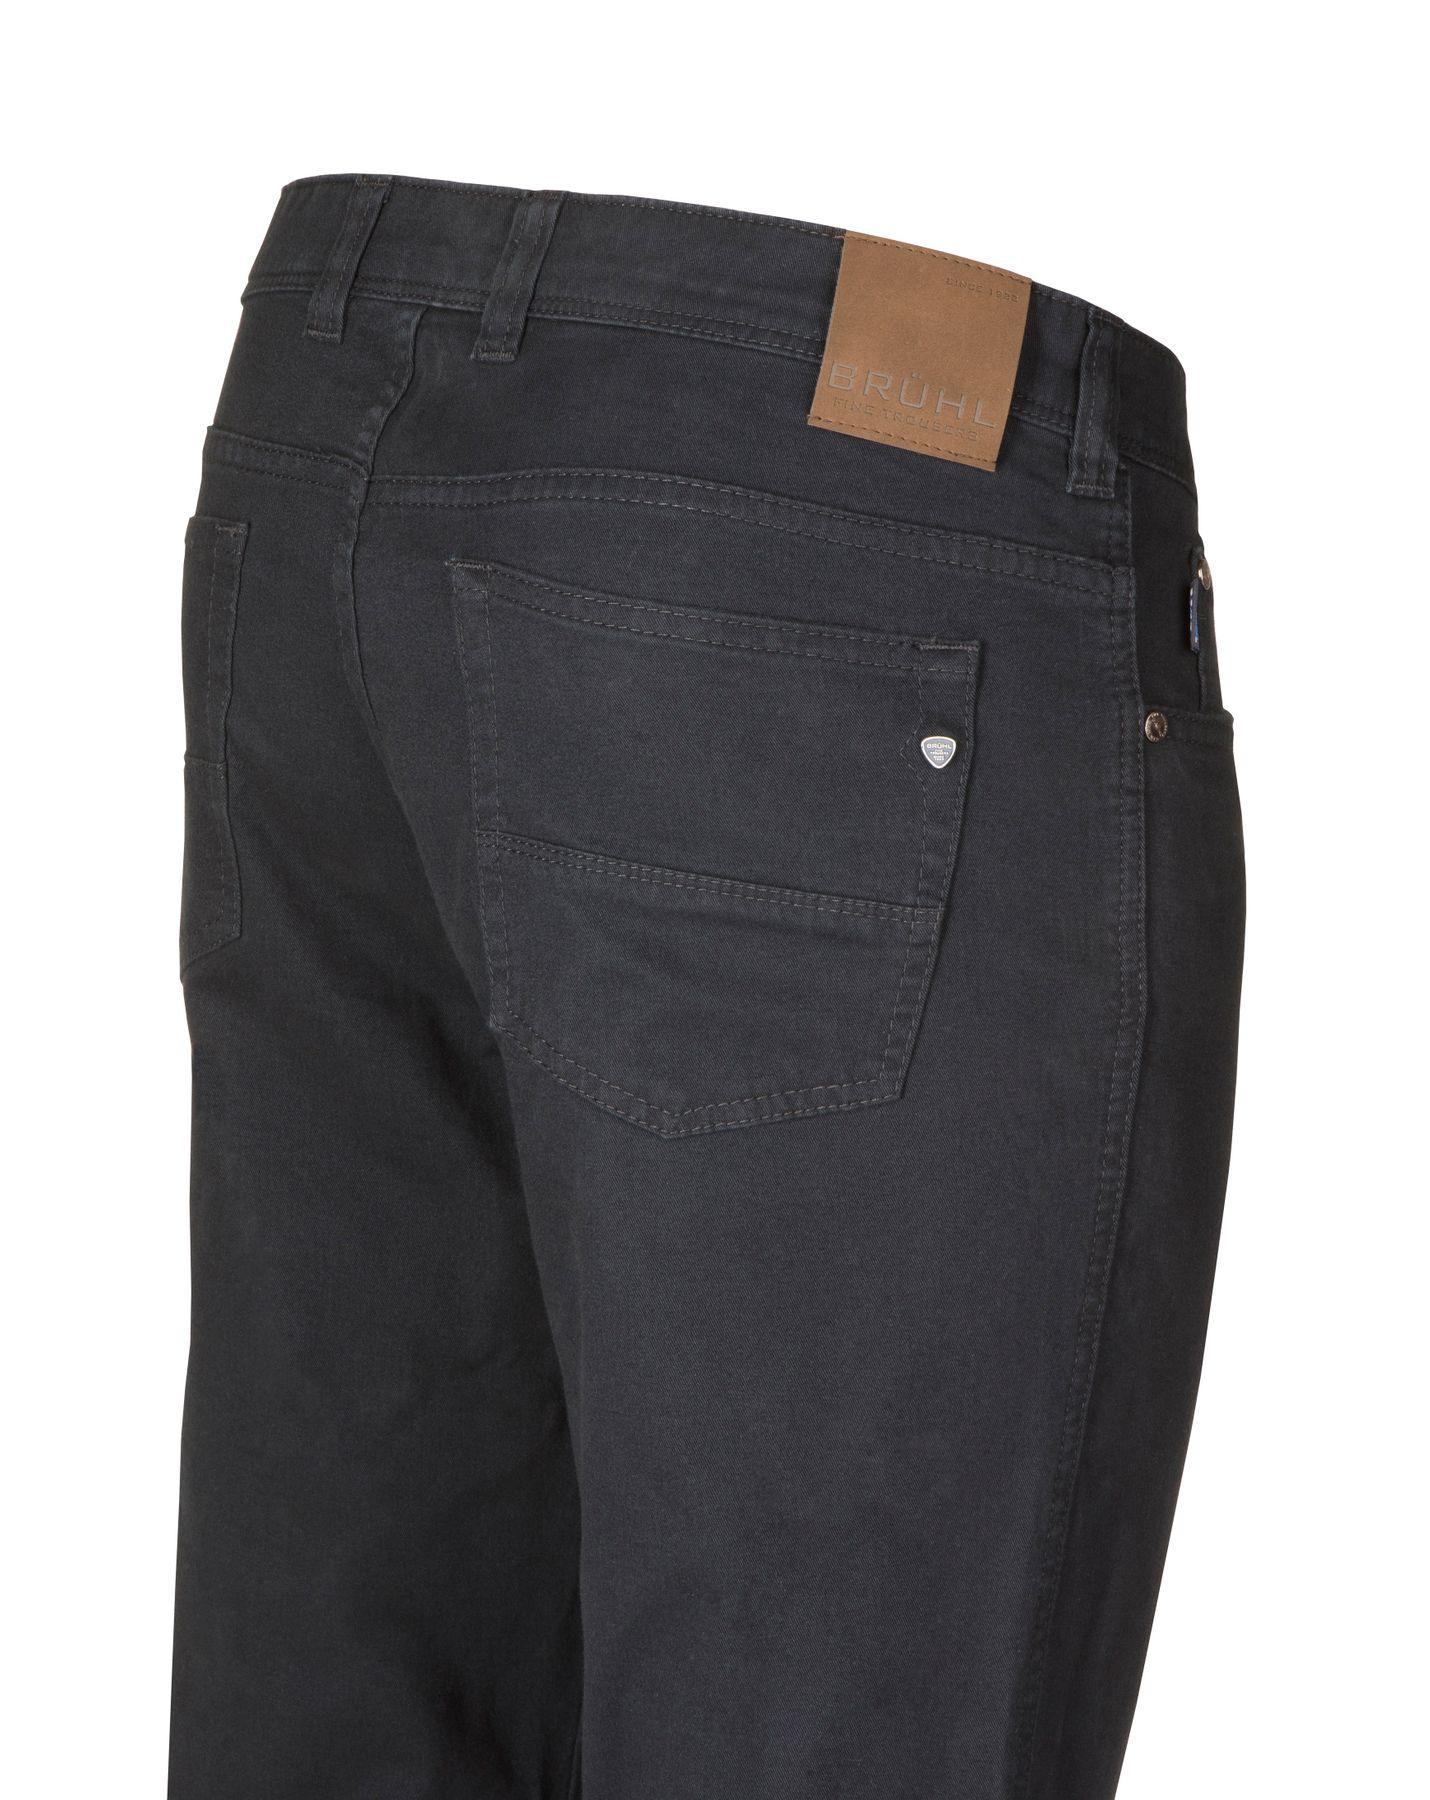 Brühl - Herren 5-Pocket Jeans aus Baumwolle, Genua 3 (0534180000100) – Bild 6